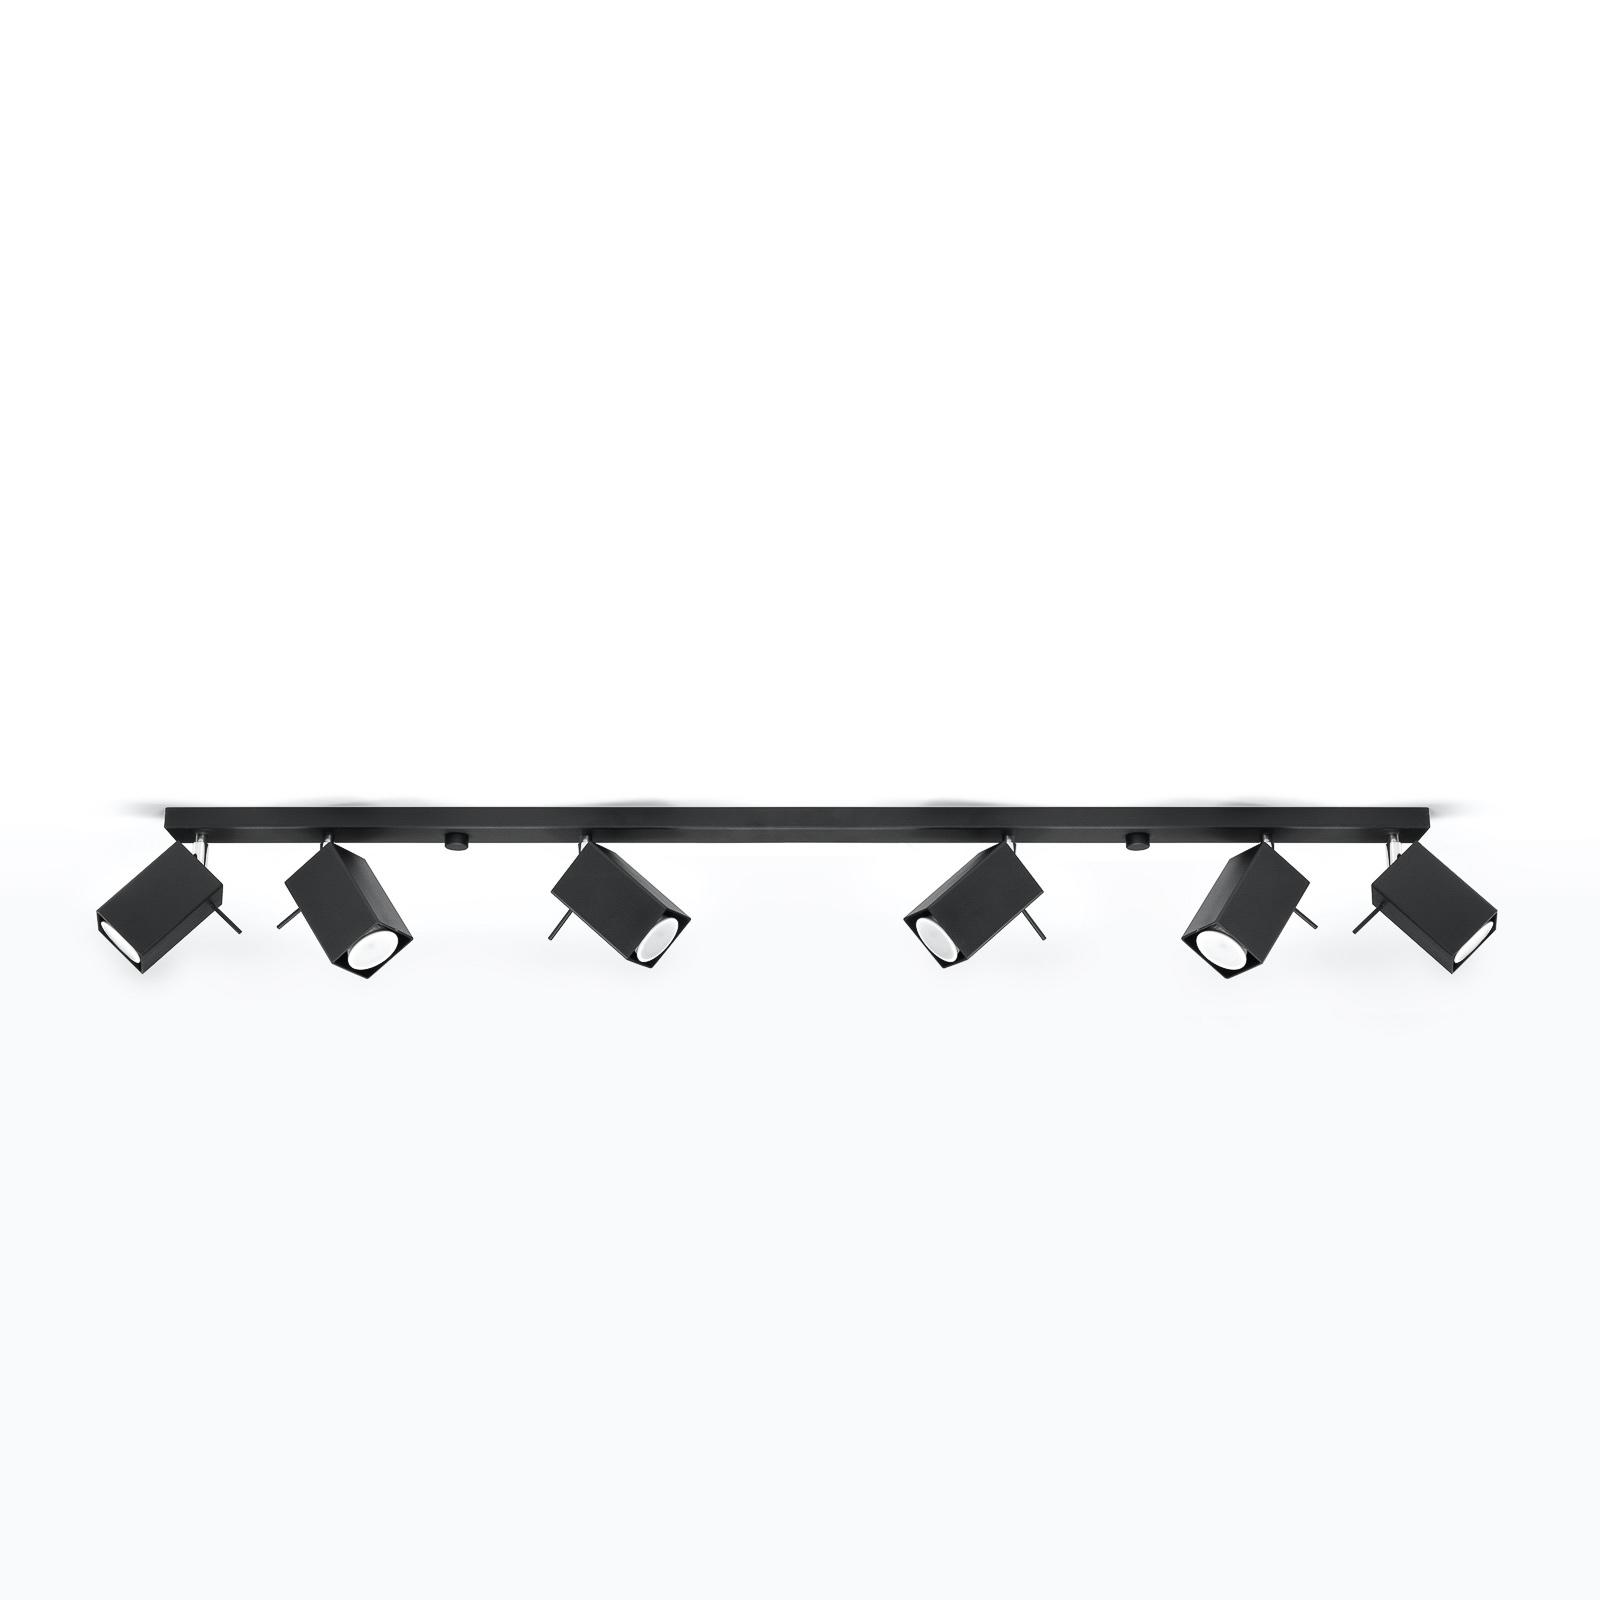 Deckenstrahler Square, schwarz sechsflammig linear